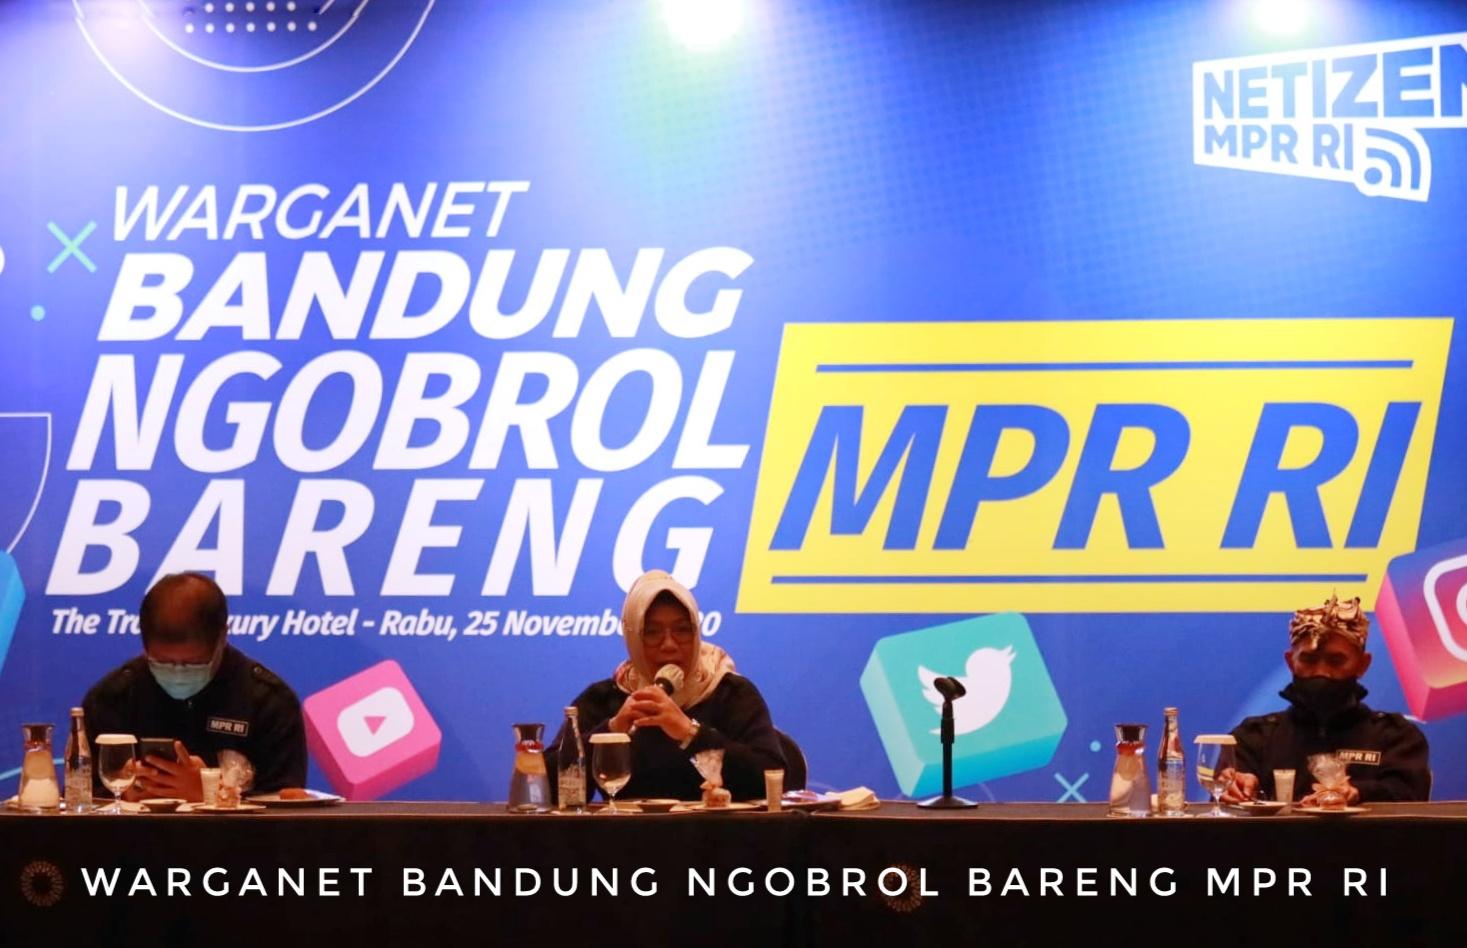 Warganet Bandung Ngobrol Bareng MPR RI